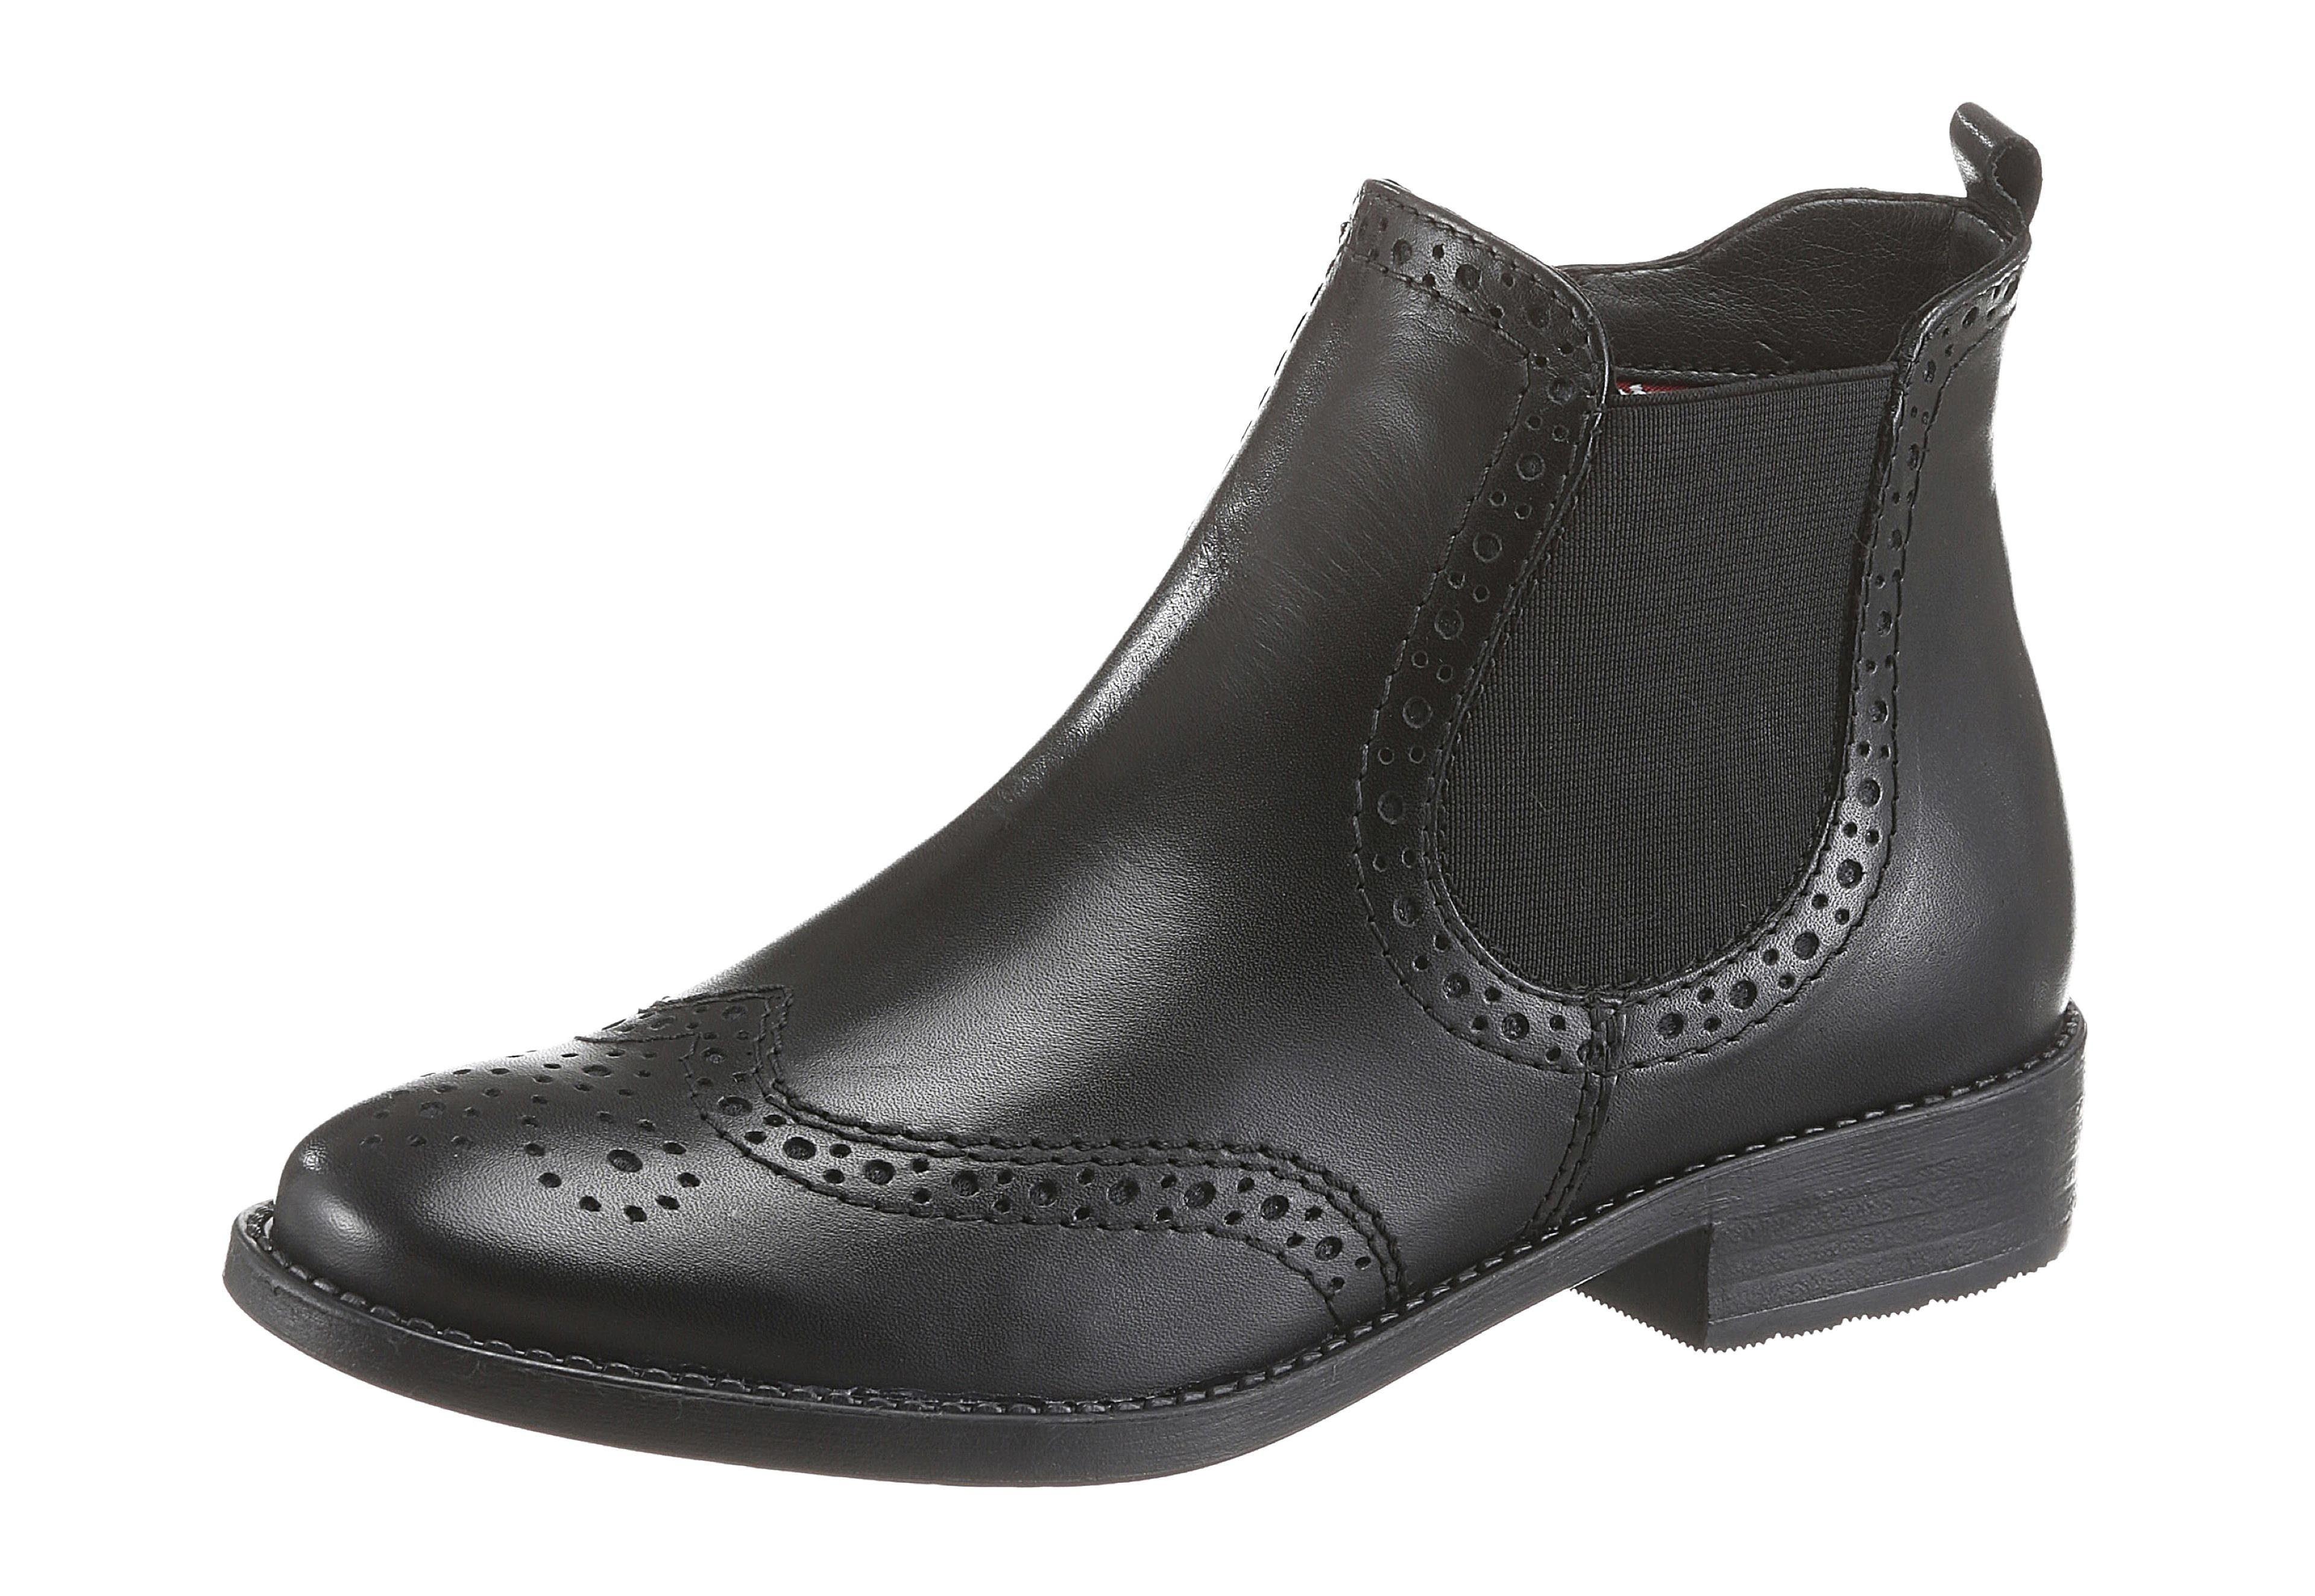 Chaussures Tamaris Avec Fermeture Éclair Pour Les Hommes agM5In0